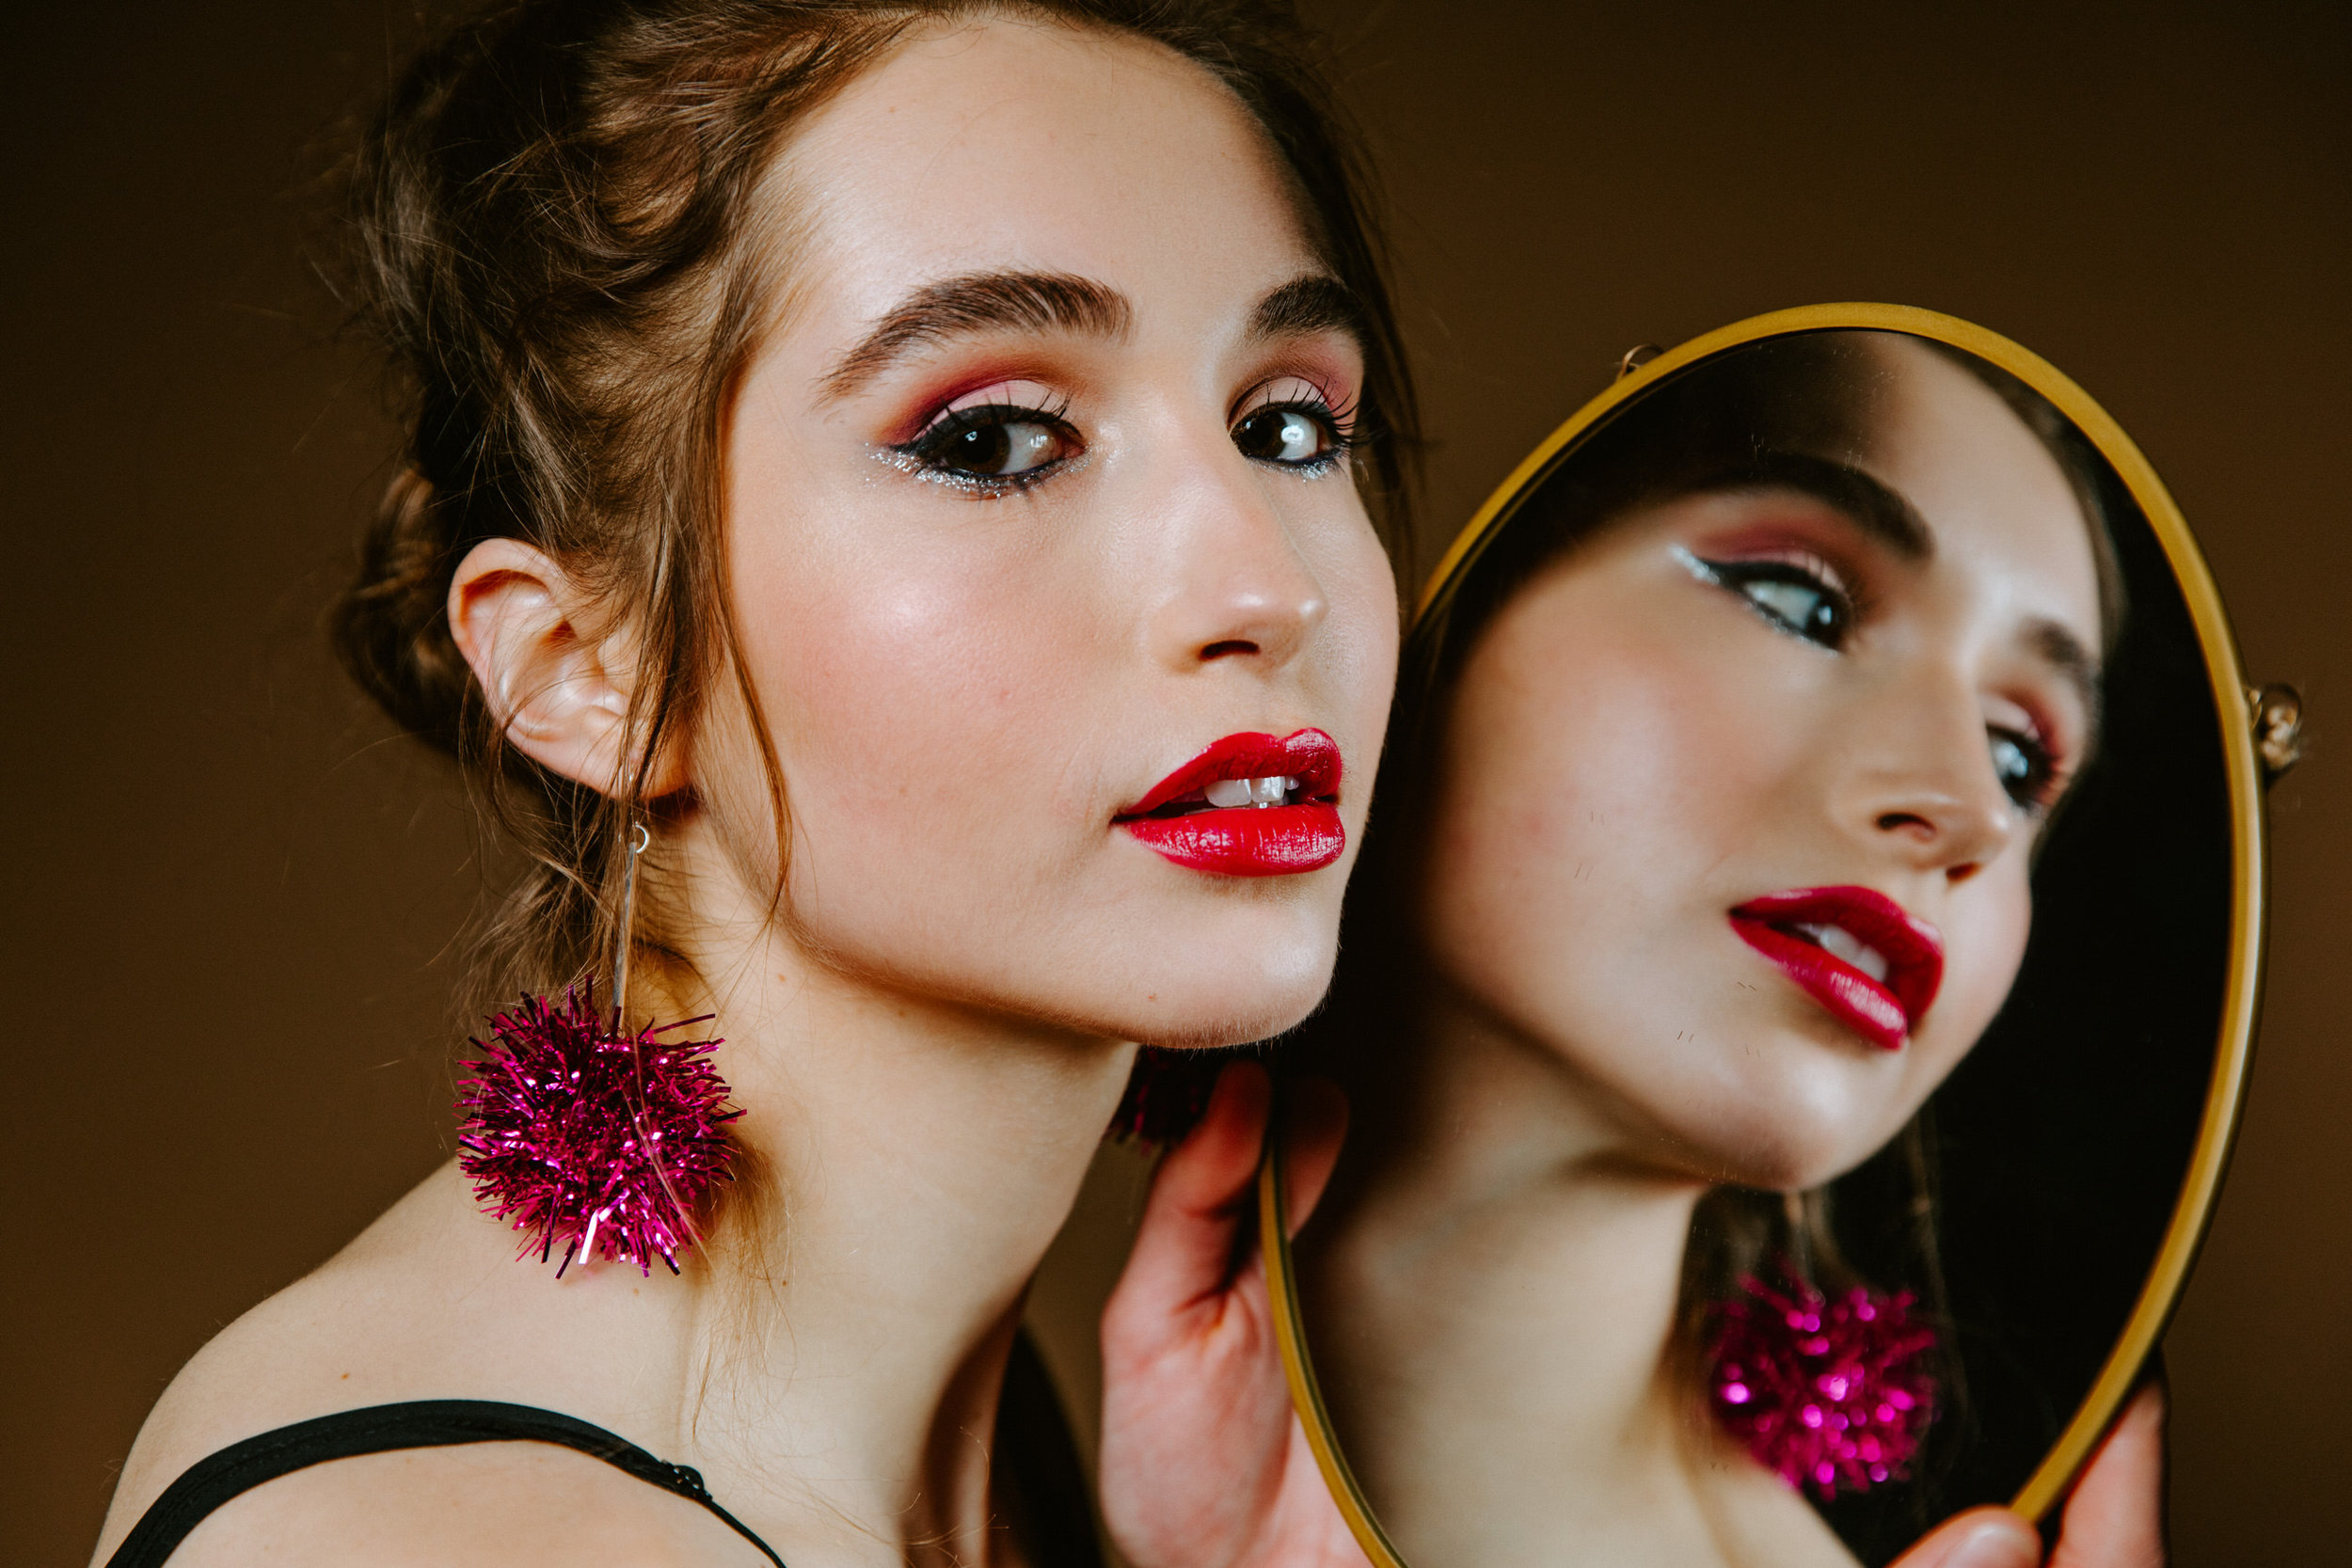 rebekah-earrings-8963.jpg